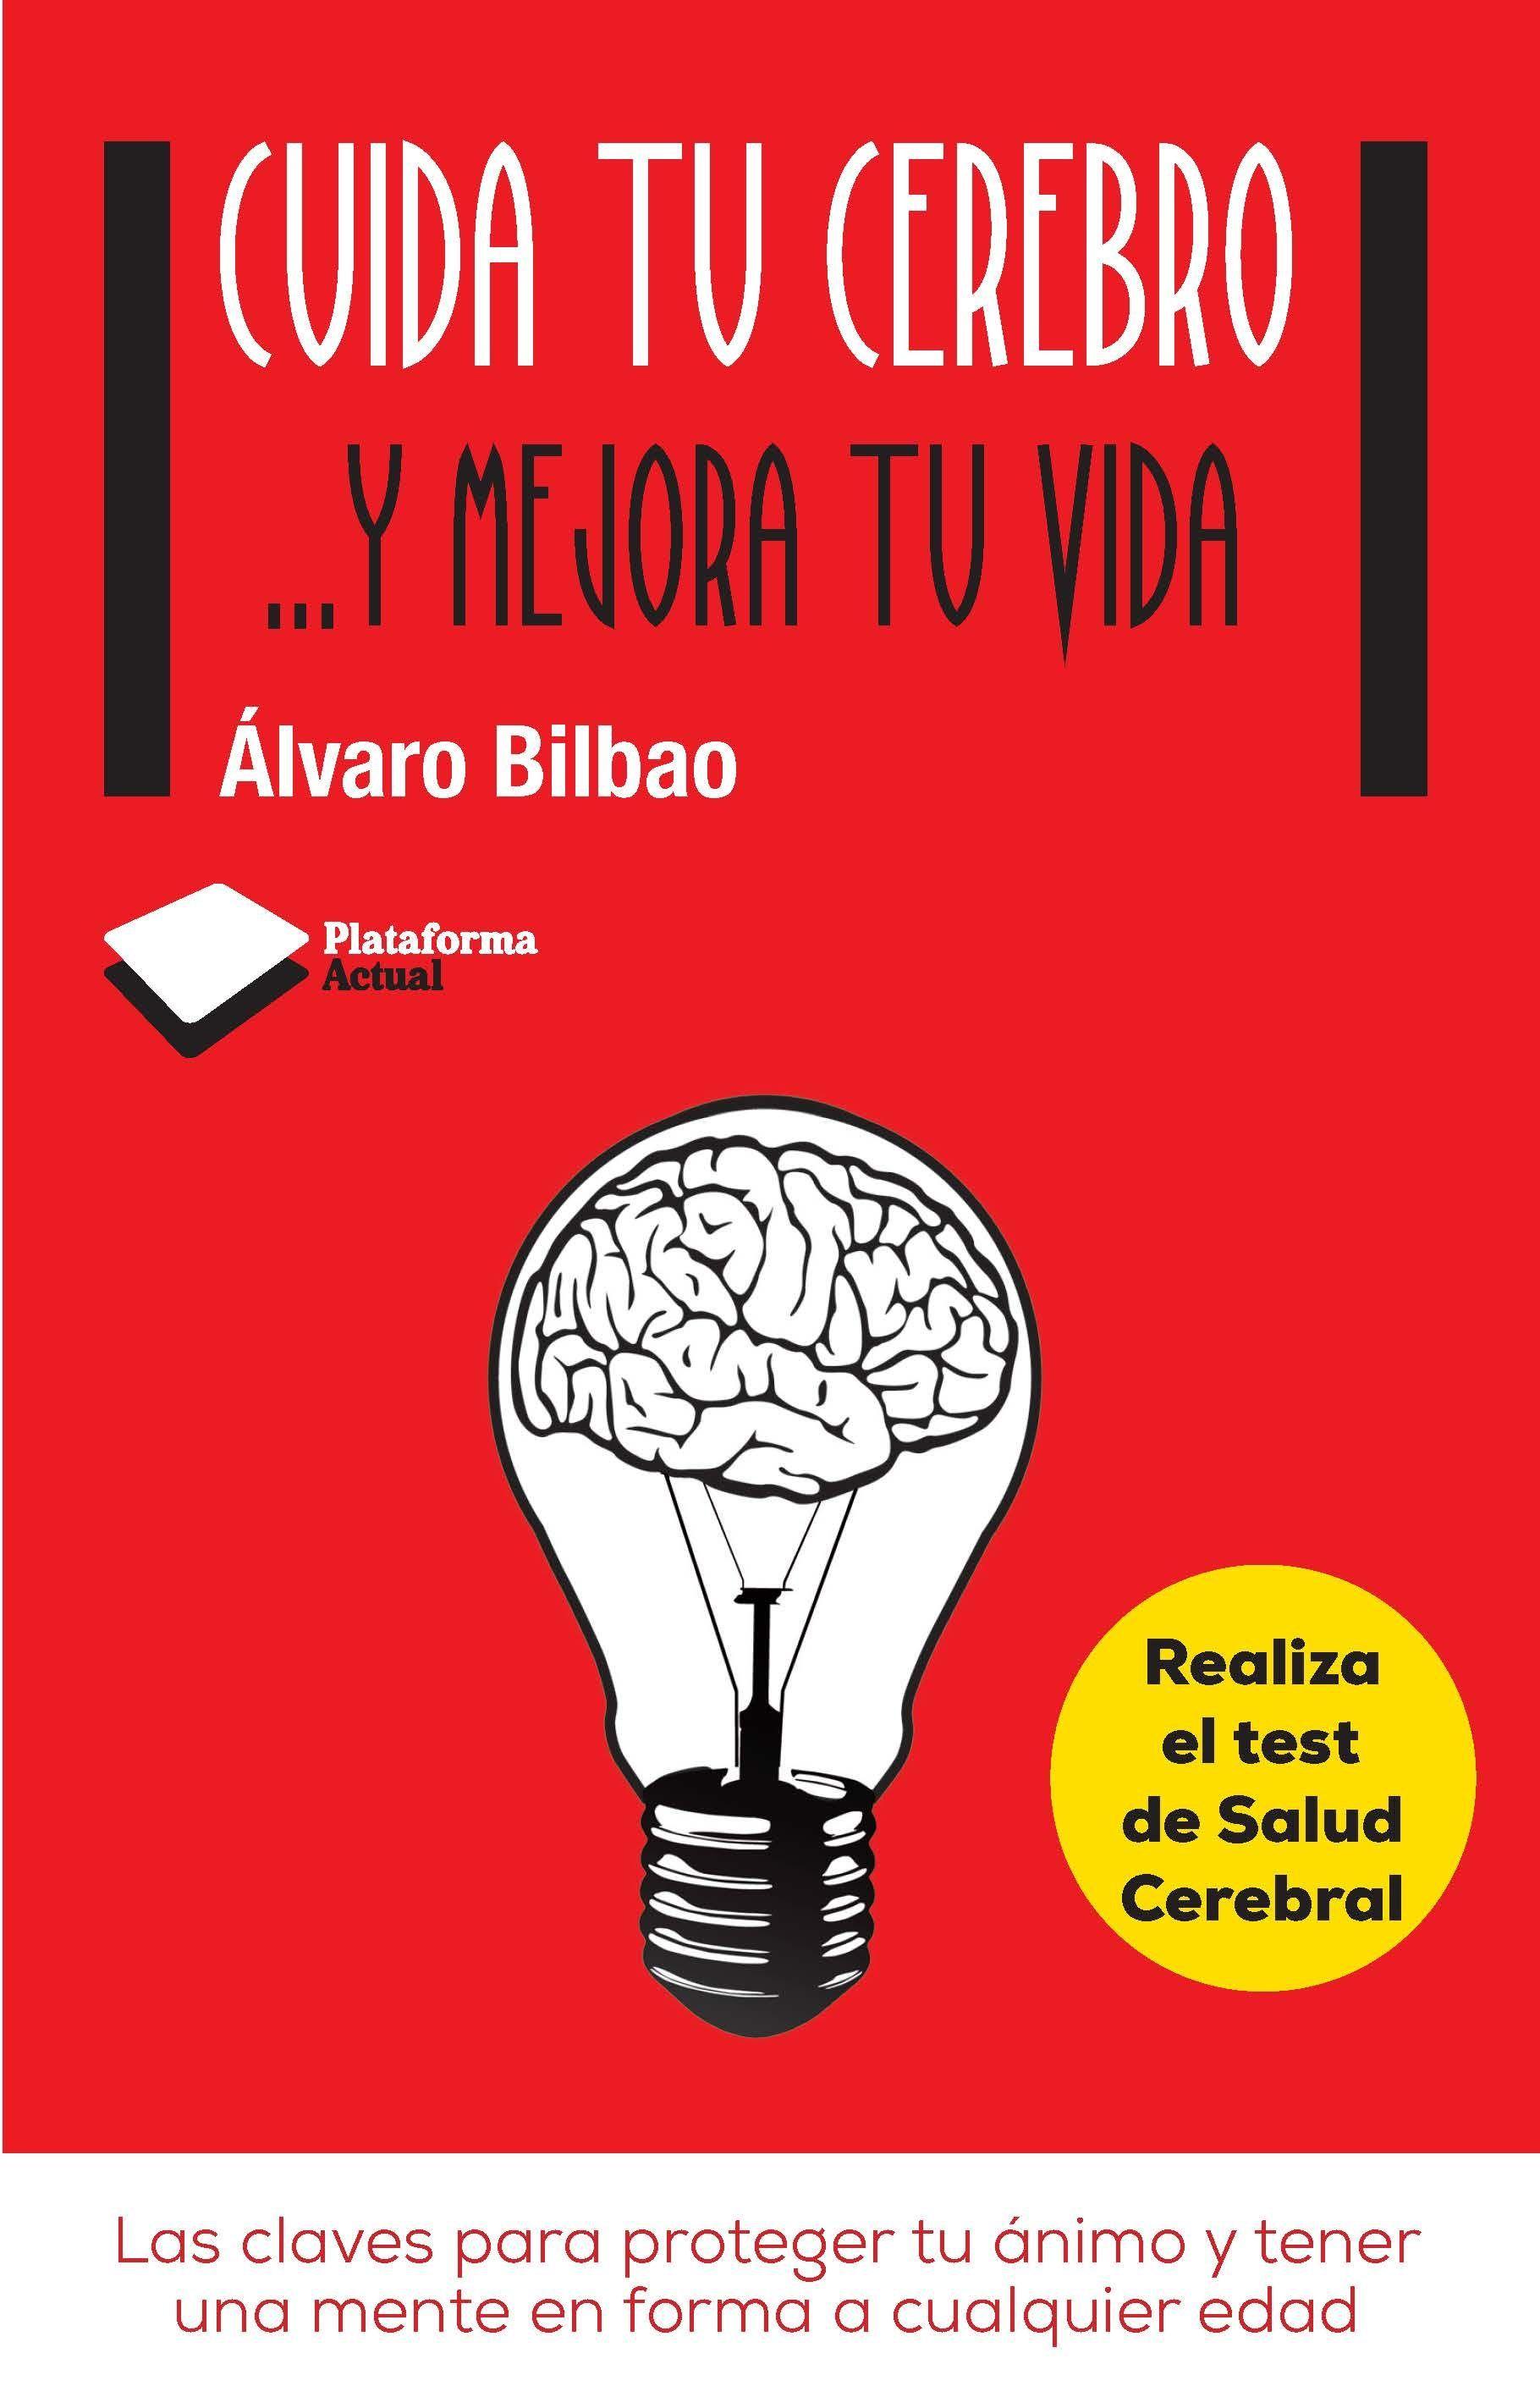 Cuida Tu Cerebro Mejora Tu Vida Alvaro Bilbao A Diferencia De Las Celulas De Casi Todos Los Organos Q Alvaro Bilbao Libros De Desarrollo Personal Libros